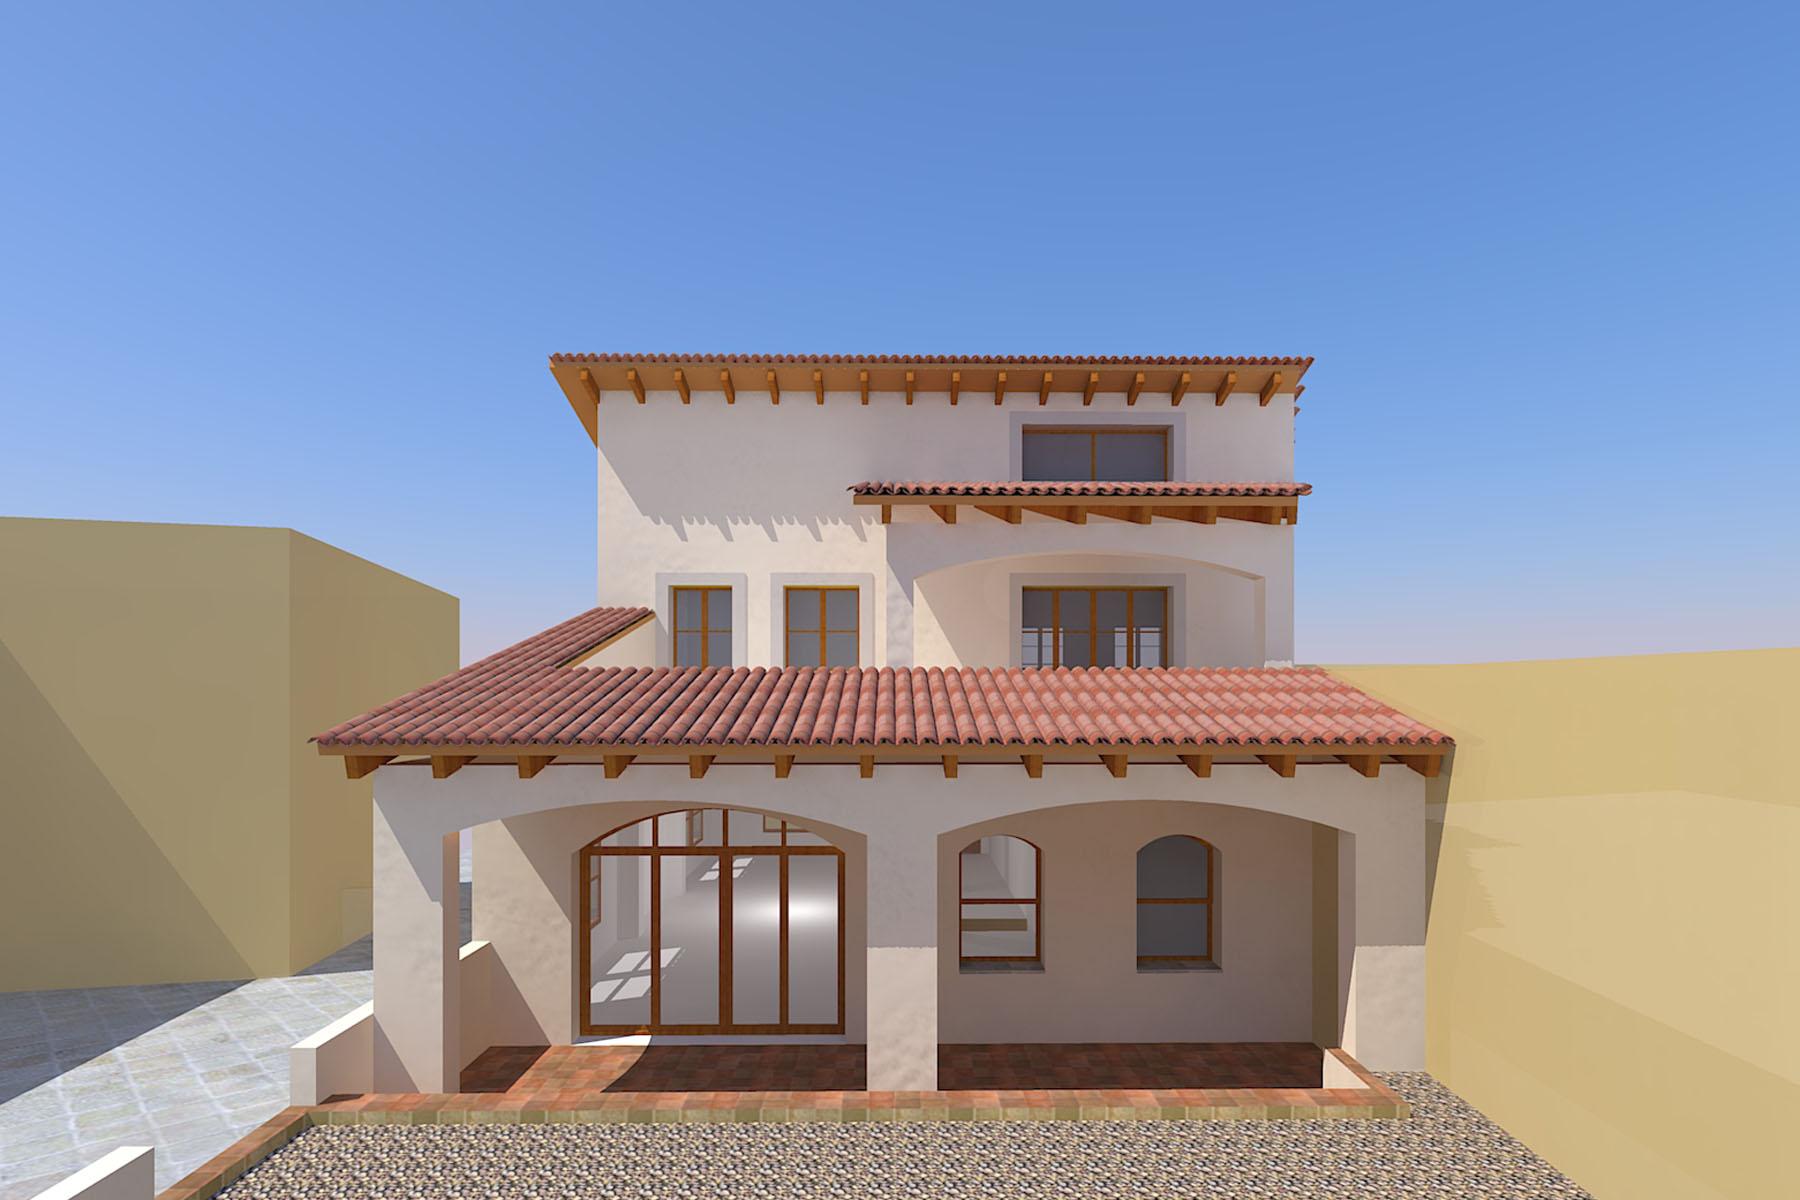 Habitatge Unifamiliar i Restaurant a Castellet i la Gornal